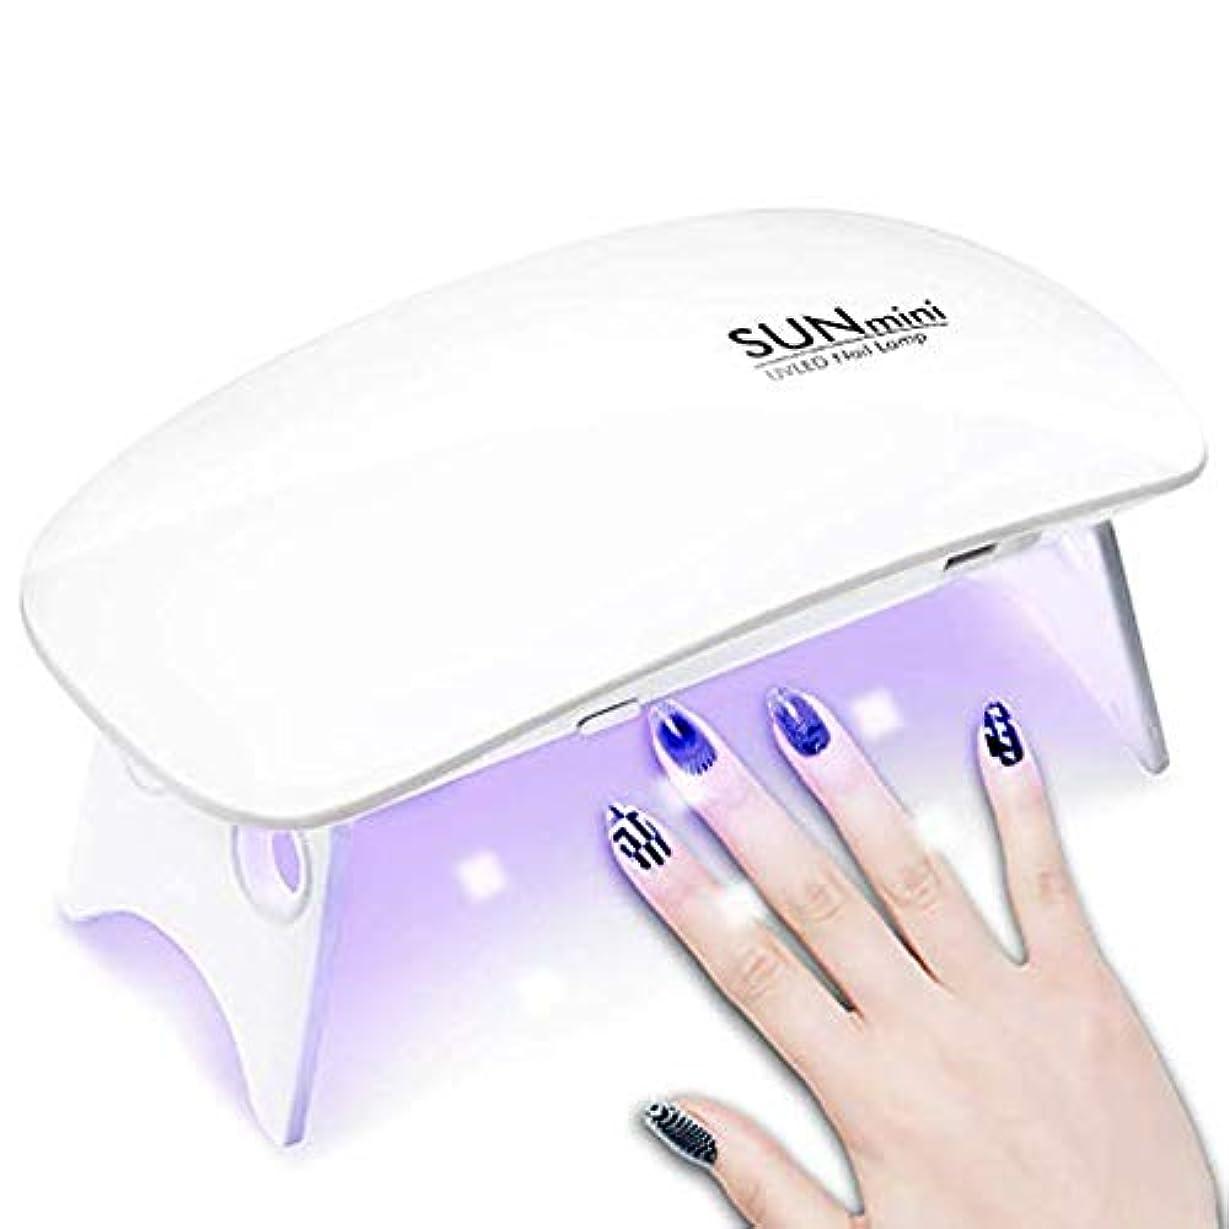 さびたノベルティ等しいLEDネイルドライヤー UVライト 折りたたみ式 設定可能 タイマー ジェルネイル LED 硬化ライト UV と LEDダブルライト ジェルネイル用 ホワイト